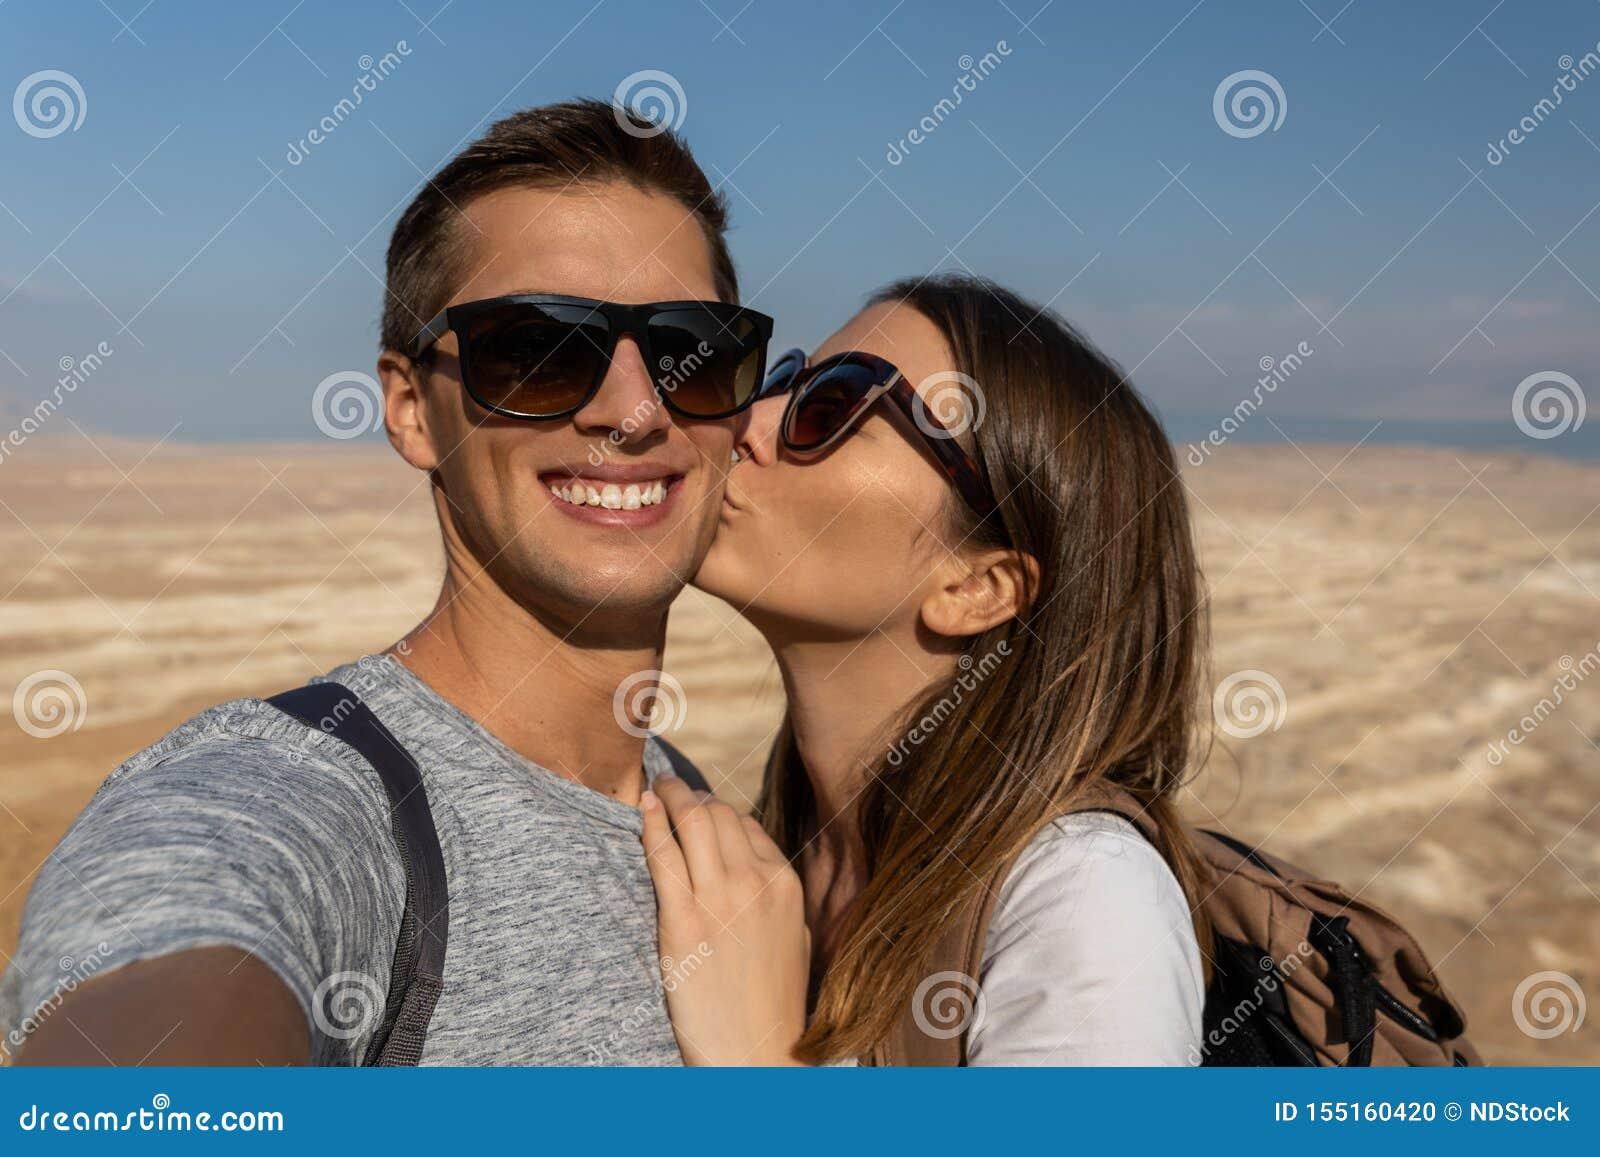 采取一selfie的年轻夫妇在以色列的沙漠